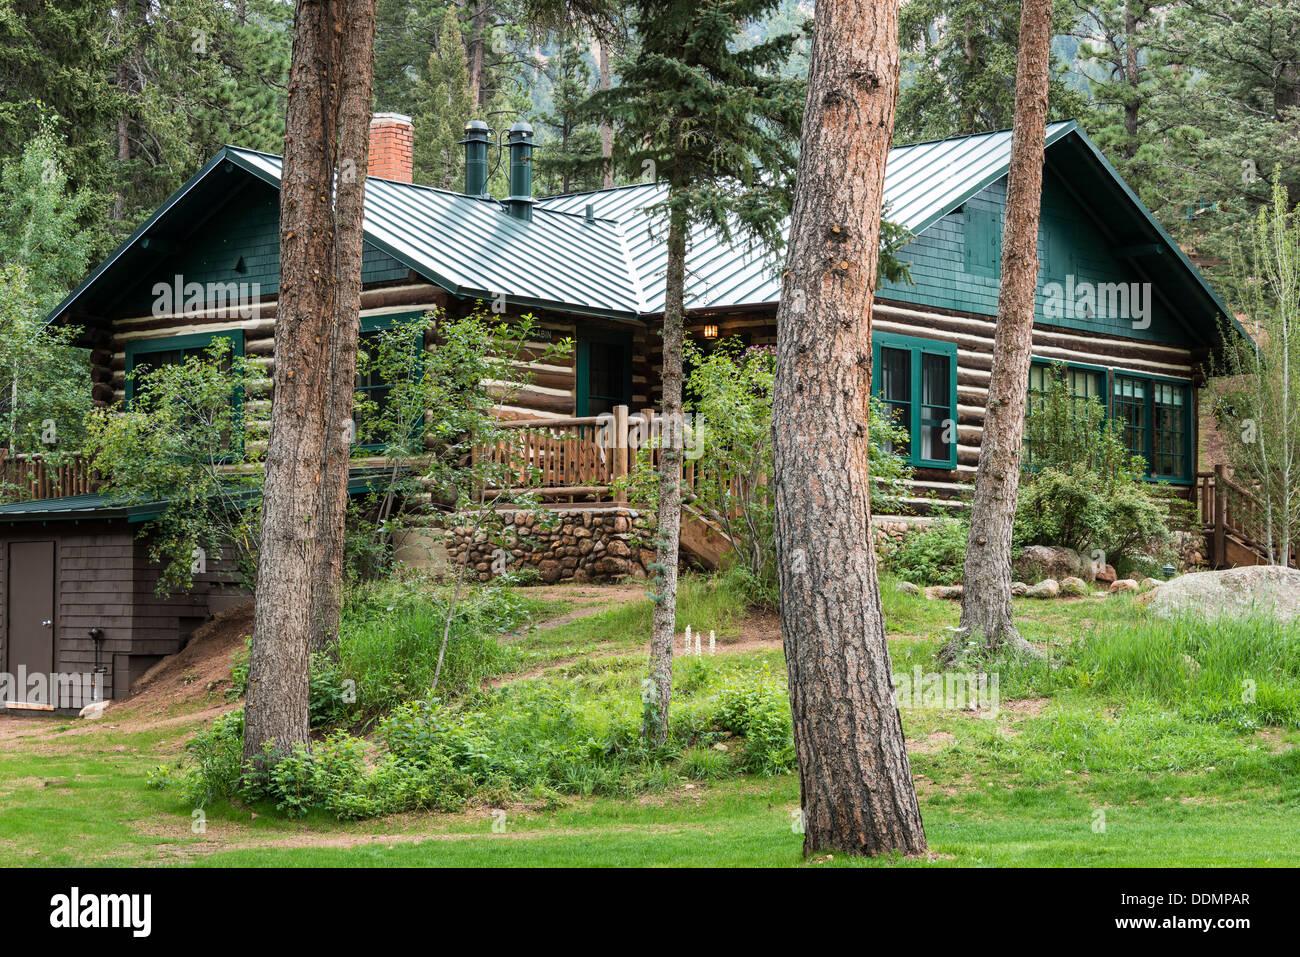 Cabins, Broadmoor Ranch at Emerald Valley, Colorado Springs